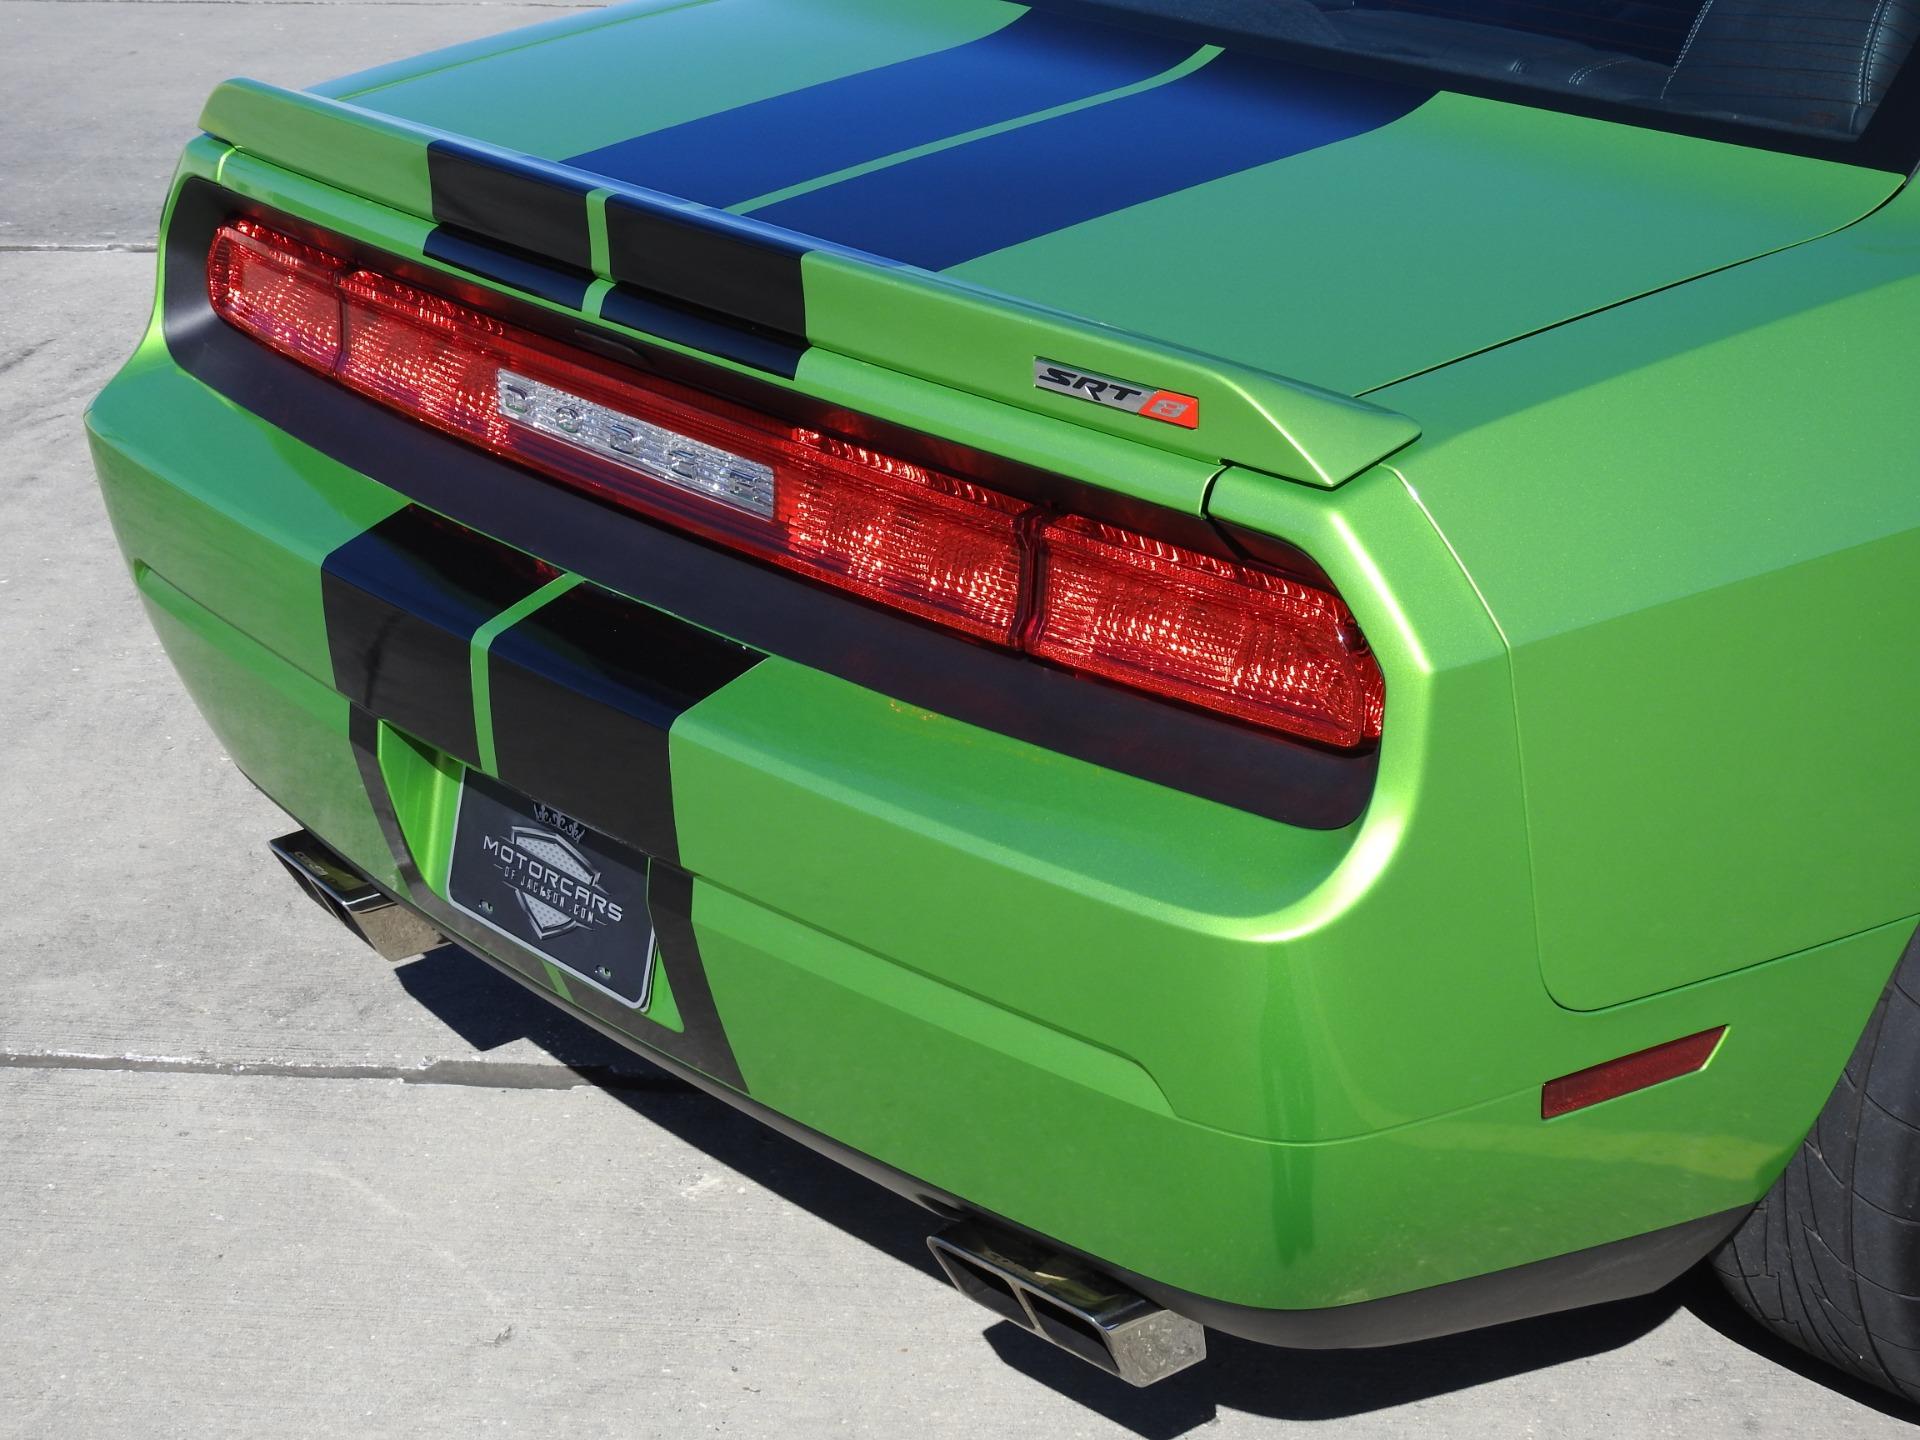 Used-2011-Dodge-Challenger-SRT8-for-sale-Jackson-MS